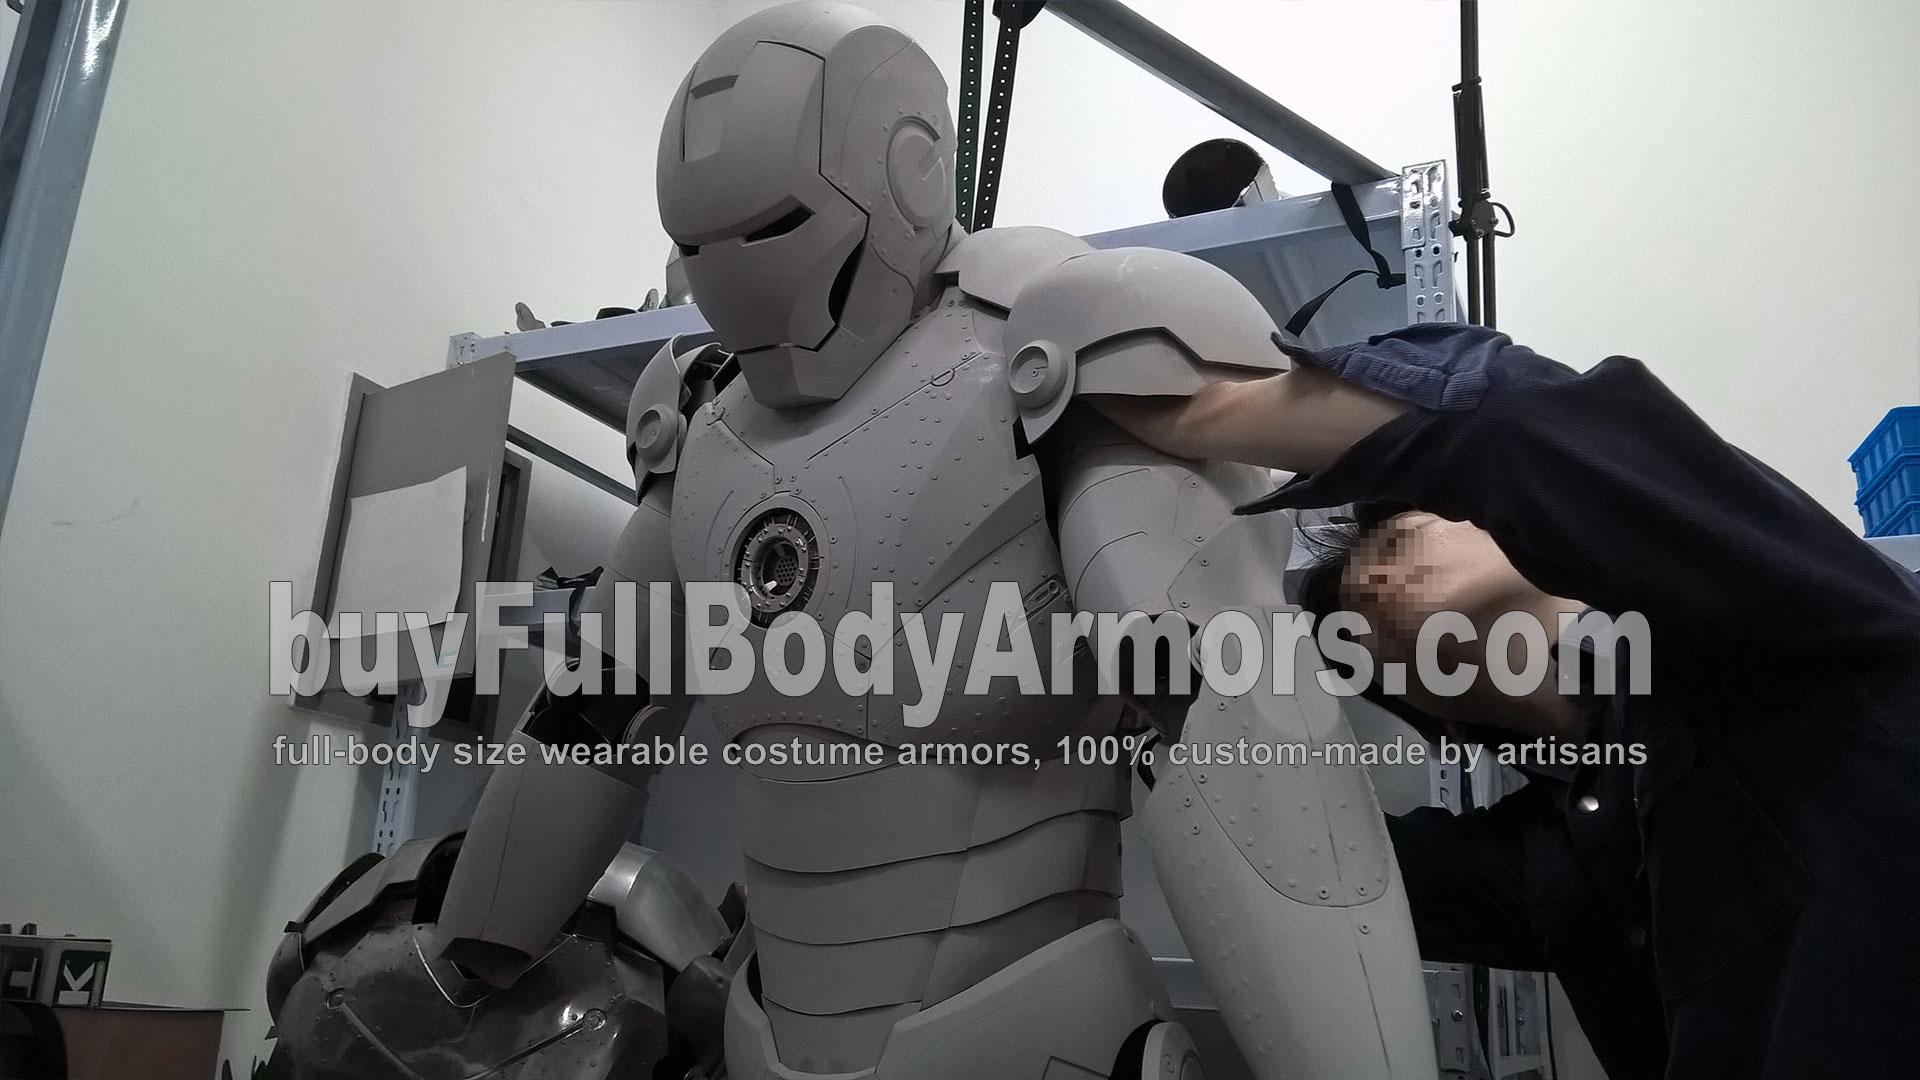 Malen Sie die Echter Iron Man Mark II anzug original Ganzkörper kostüm Replik, wie Sie es wünschen 2